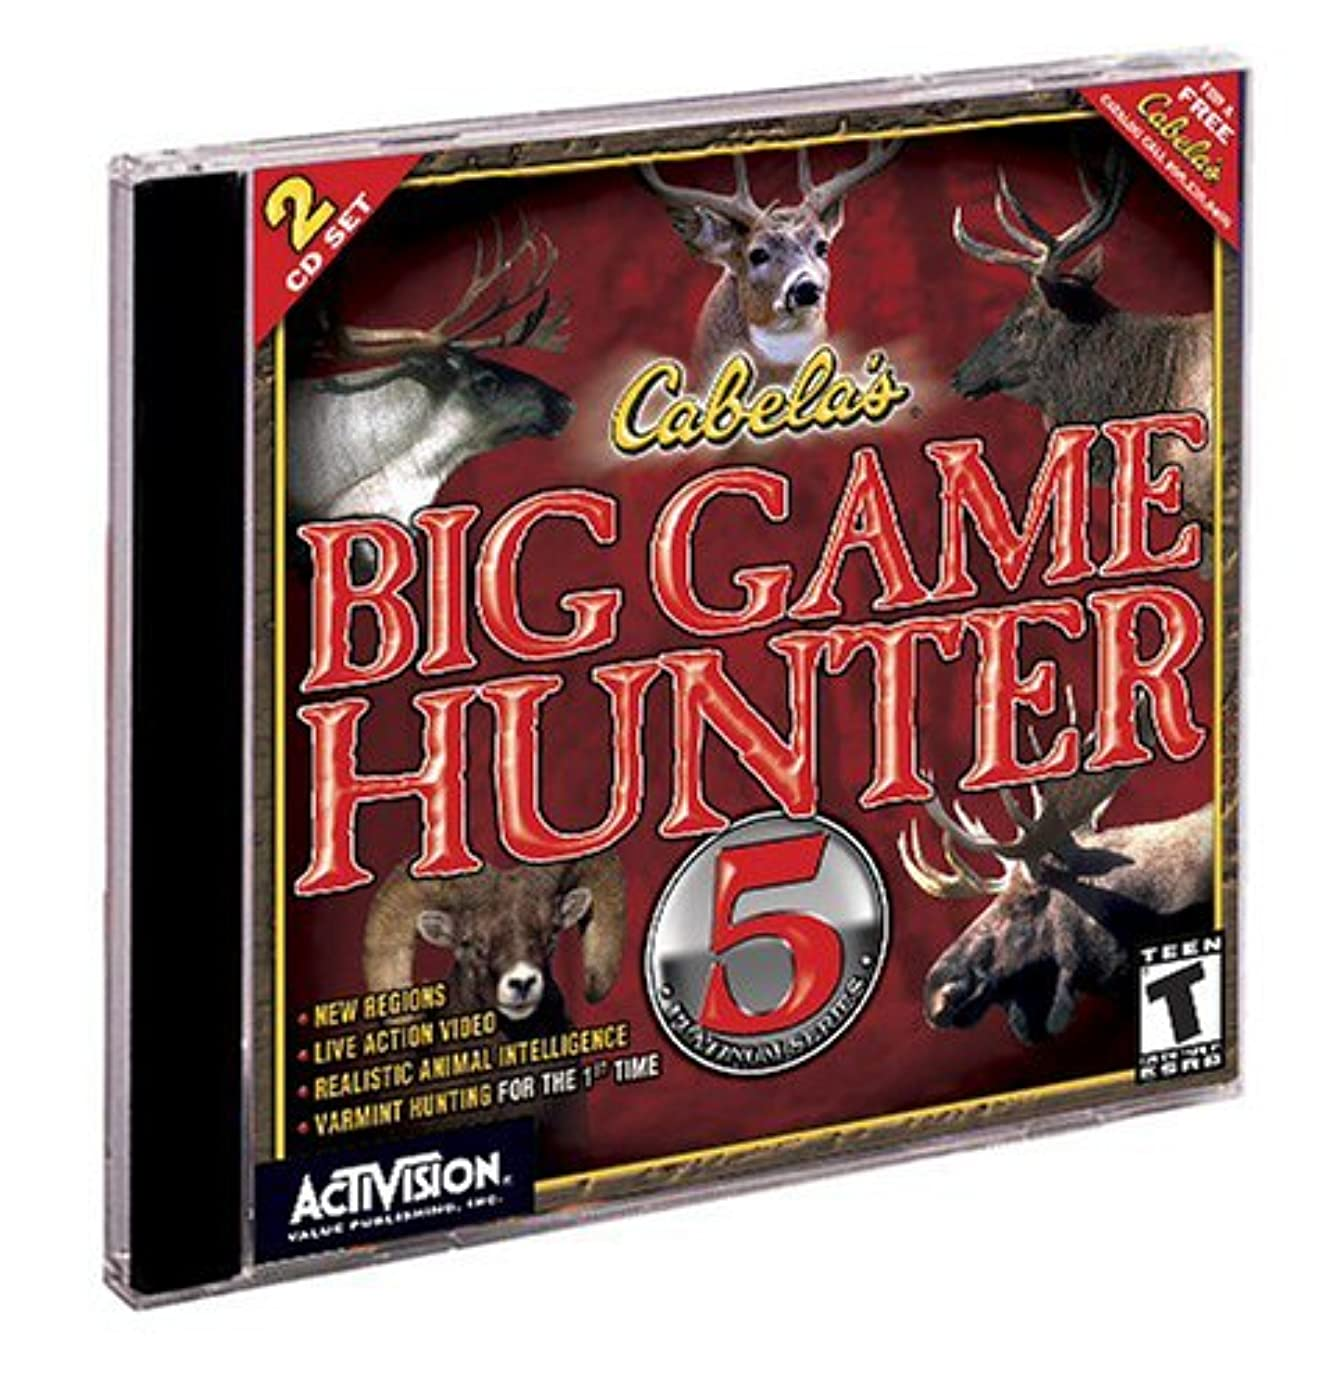 学校邪魔ビザCabela's Big Game Hunter 5 (Jewel Case) (輸入版)